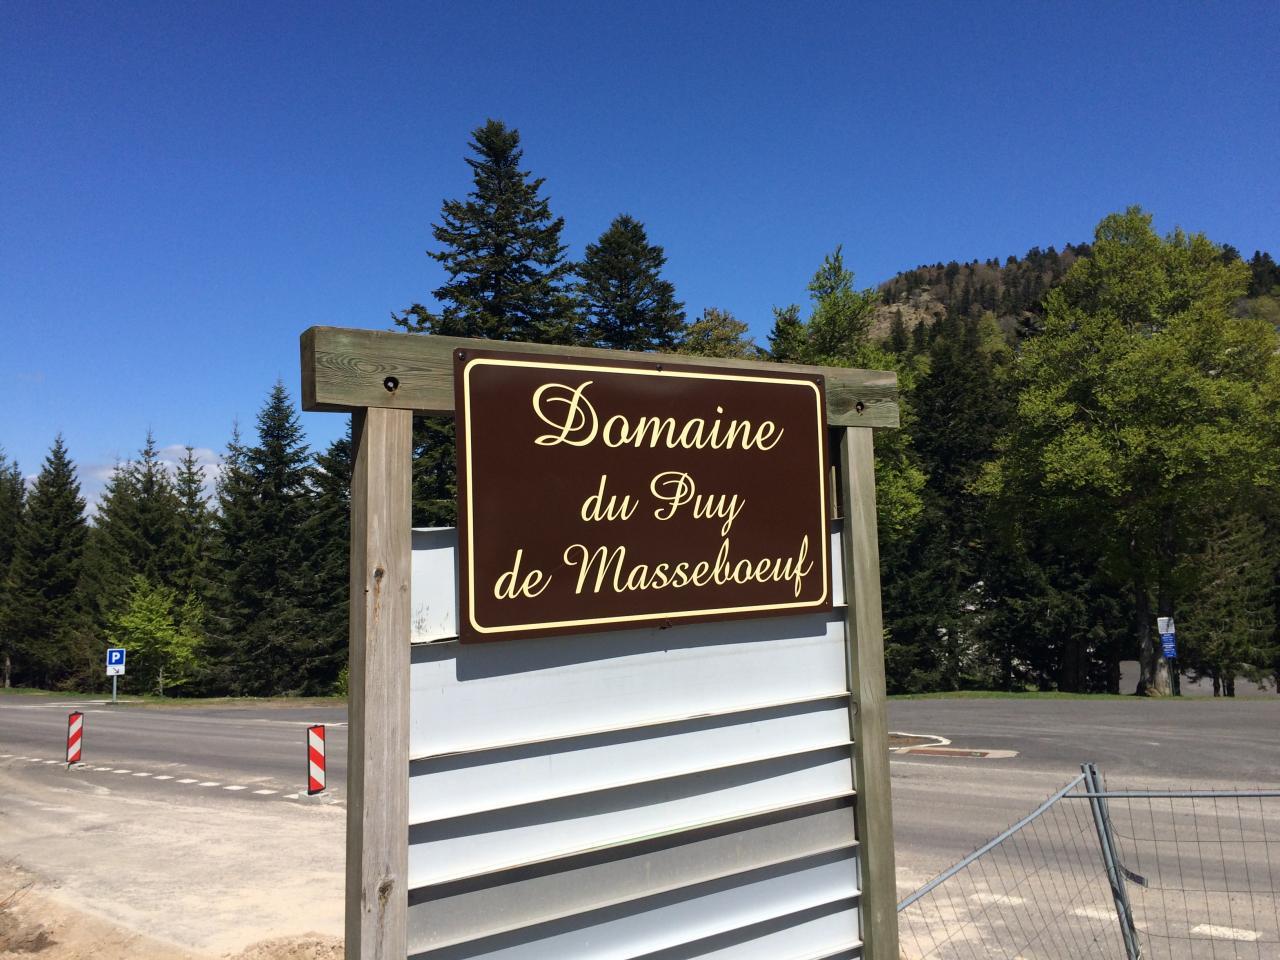 Domaine Masseboeuf